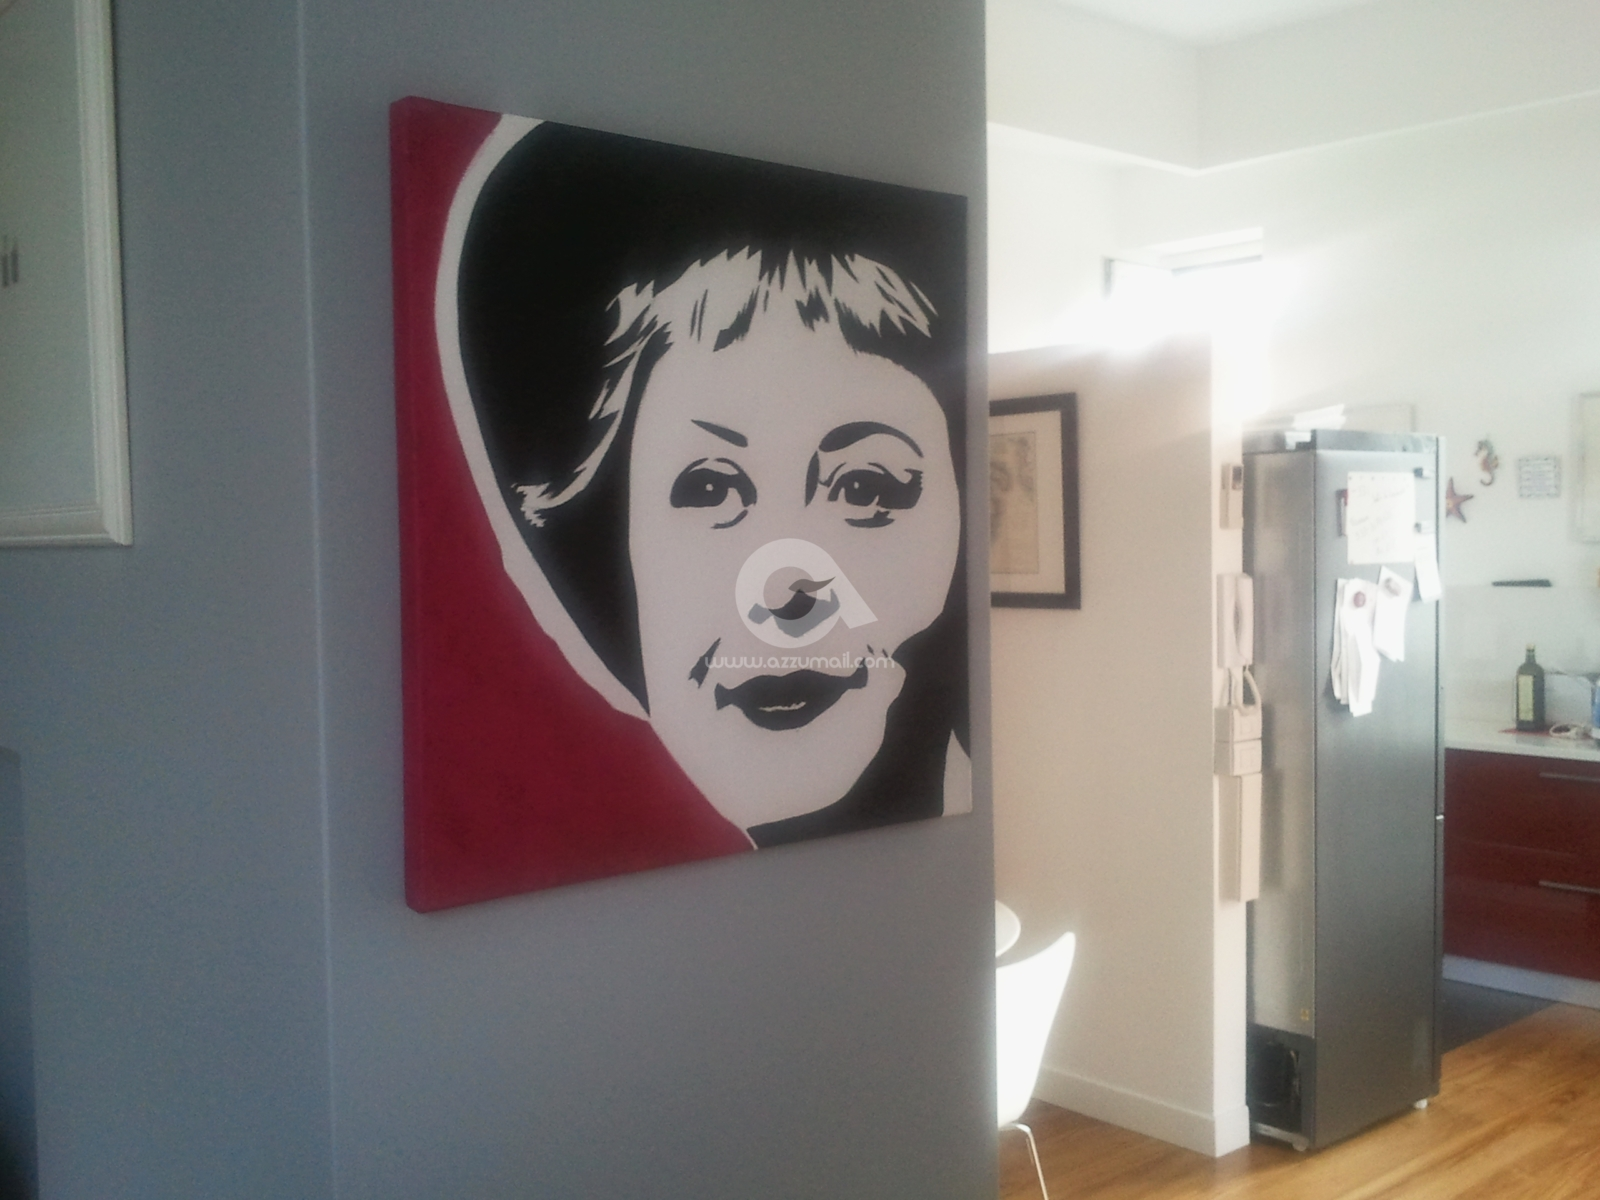 Arredamento Stile Pop Art : Foto galleria di quadri moderni stile pop art dipinti a mano